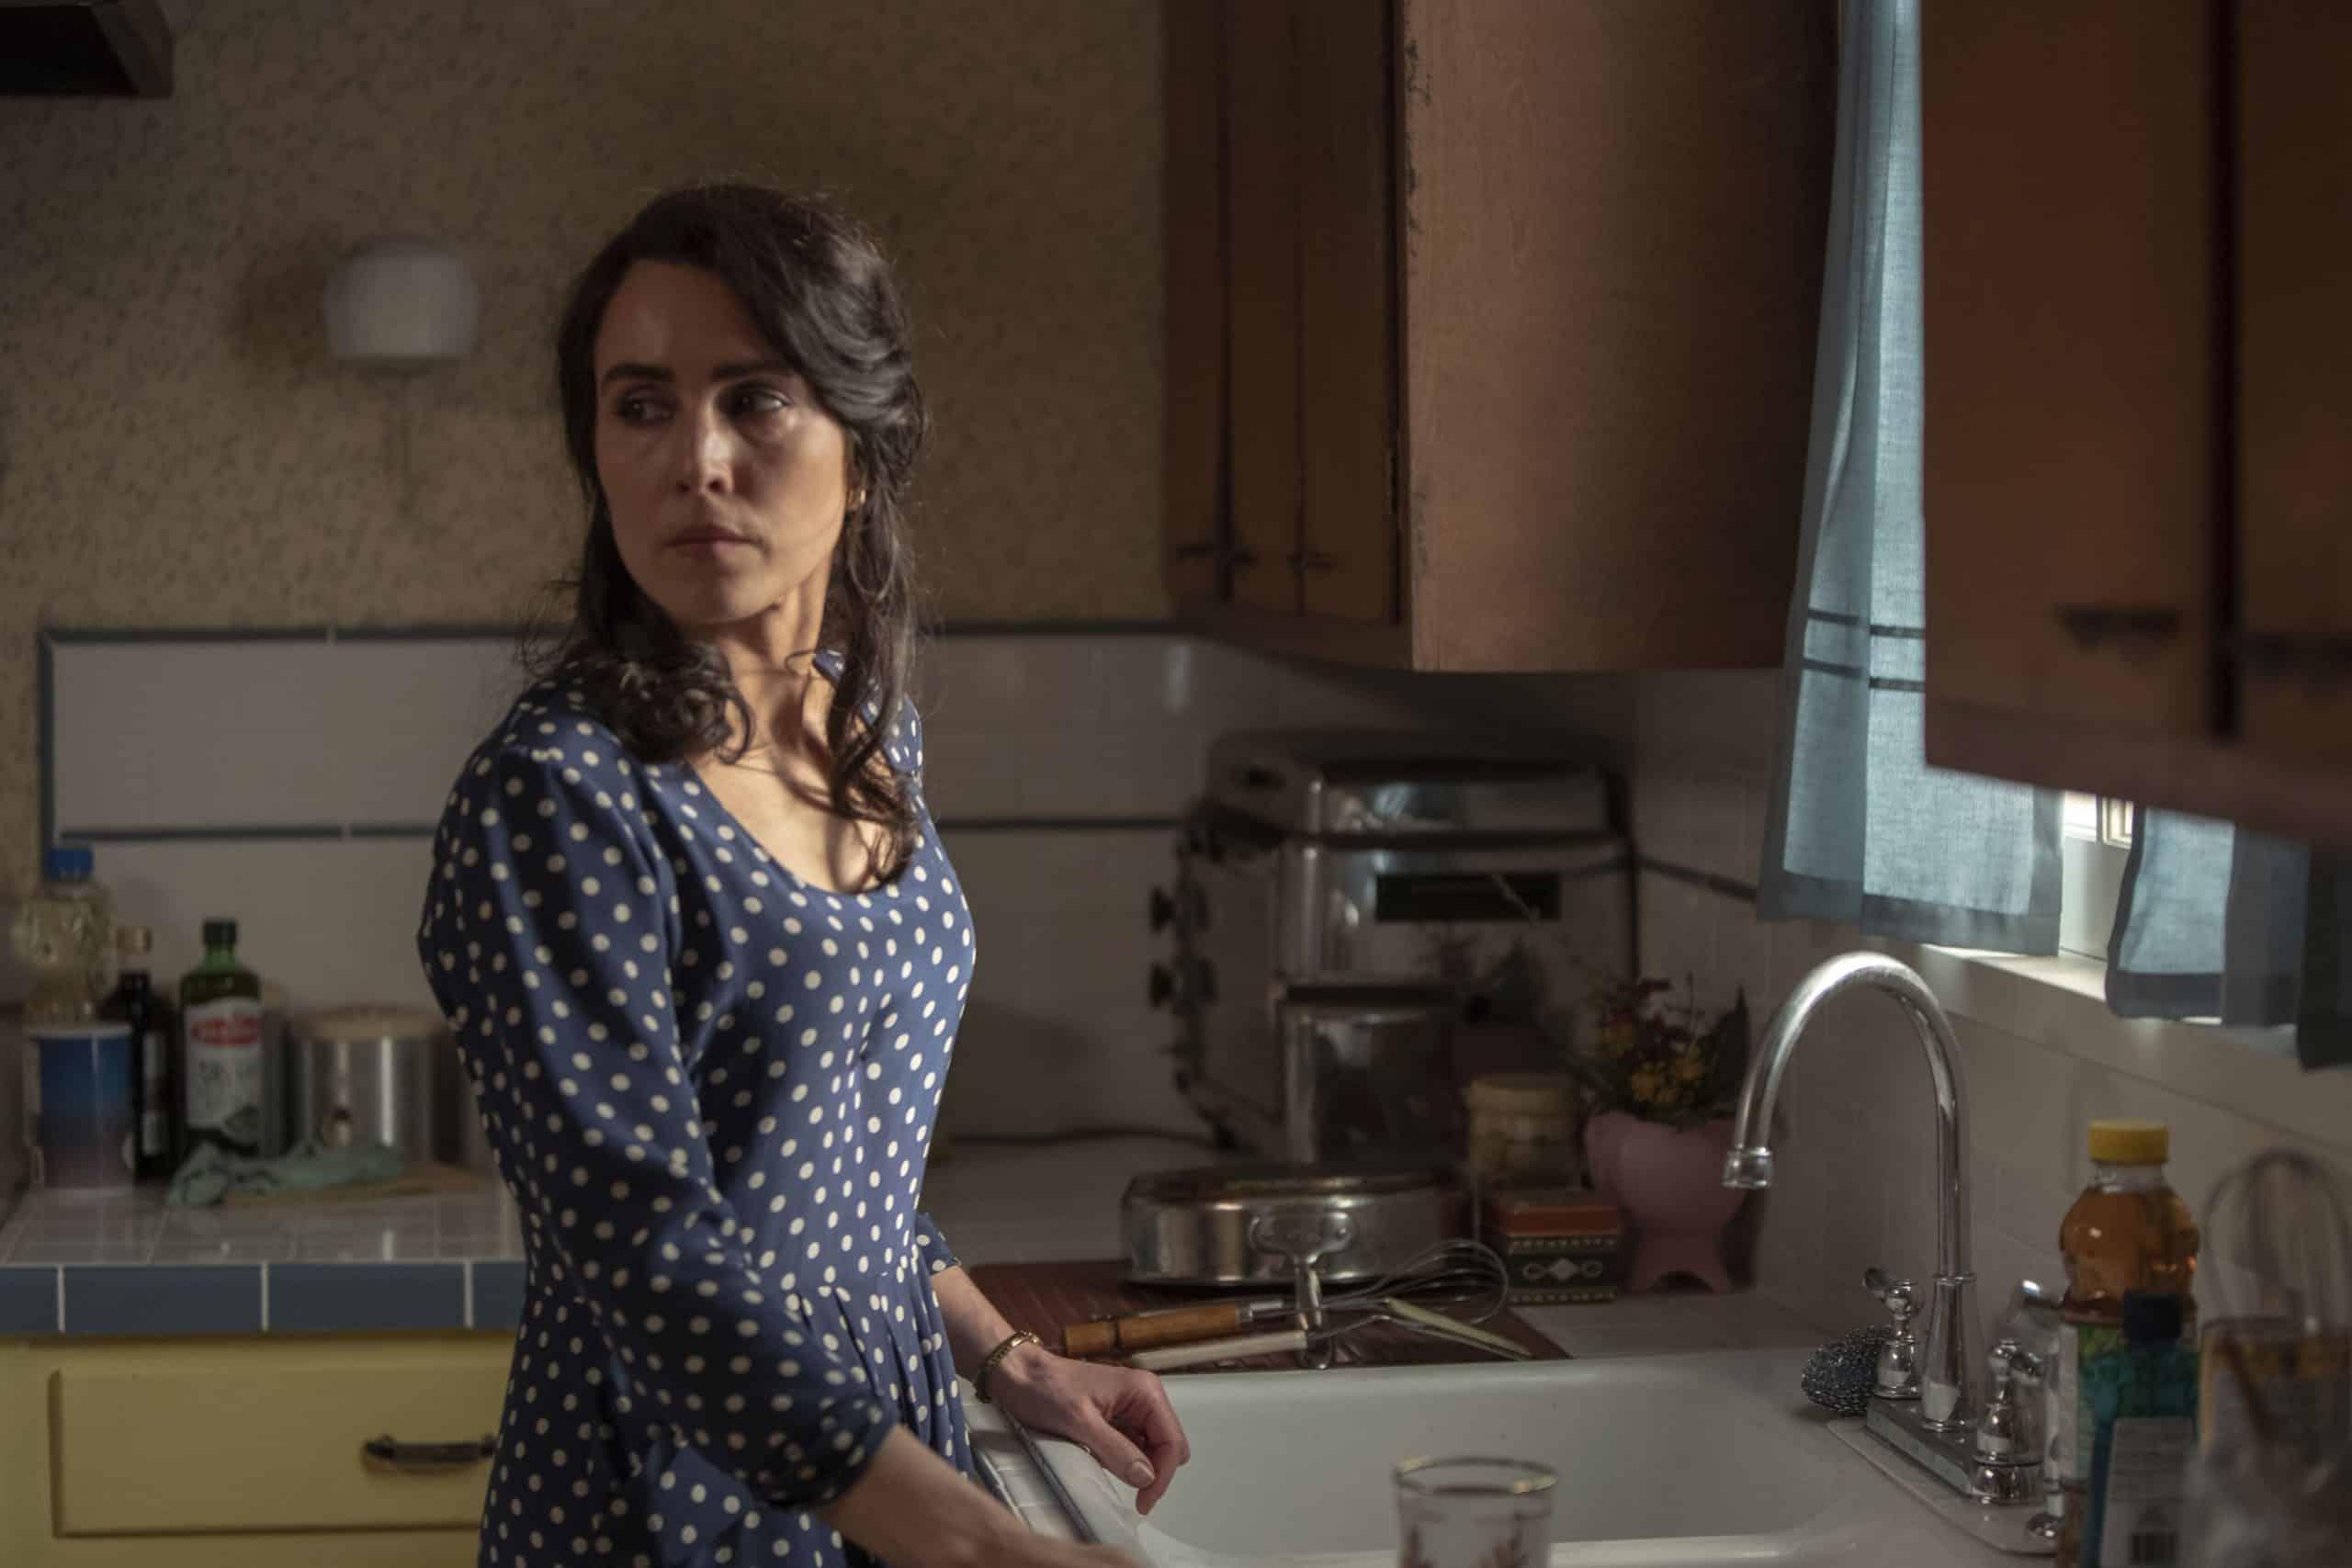 Noomi Rapace ist misstrauisch ihrem Mann gegenüber und beäugt diesen aus der Küche. The Secrets we keep ist ein neuer Thriller mit Noomi Rapace